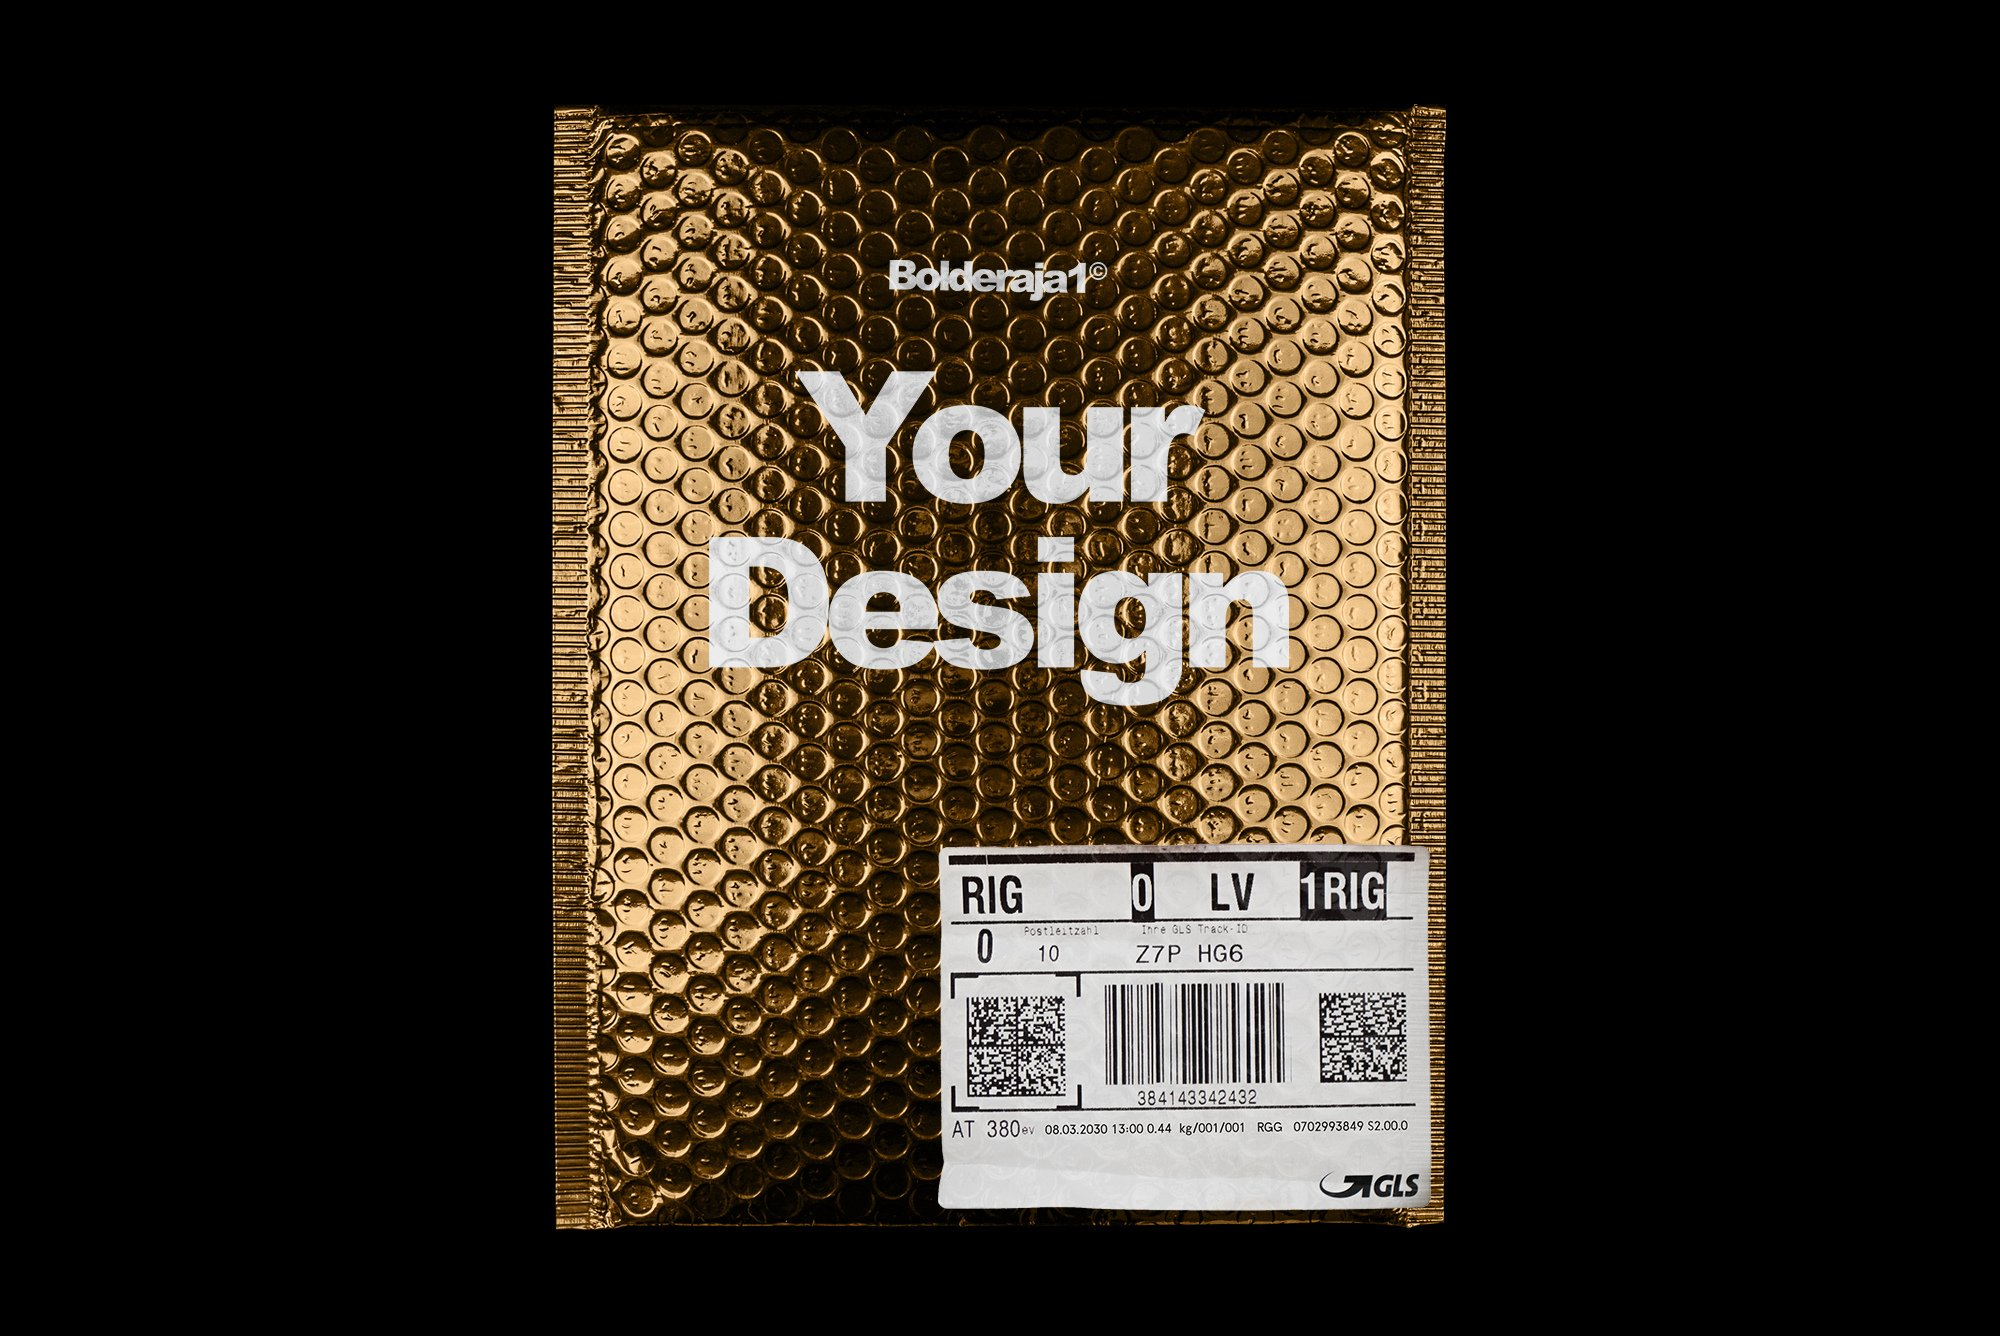 潮流金属铝箔气泡防震邮寄包装袋设计智能贴图样机模板 Gold Plastic Bag Mockup插图